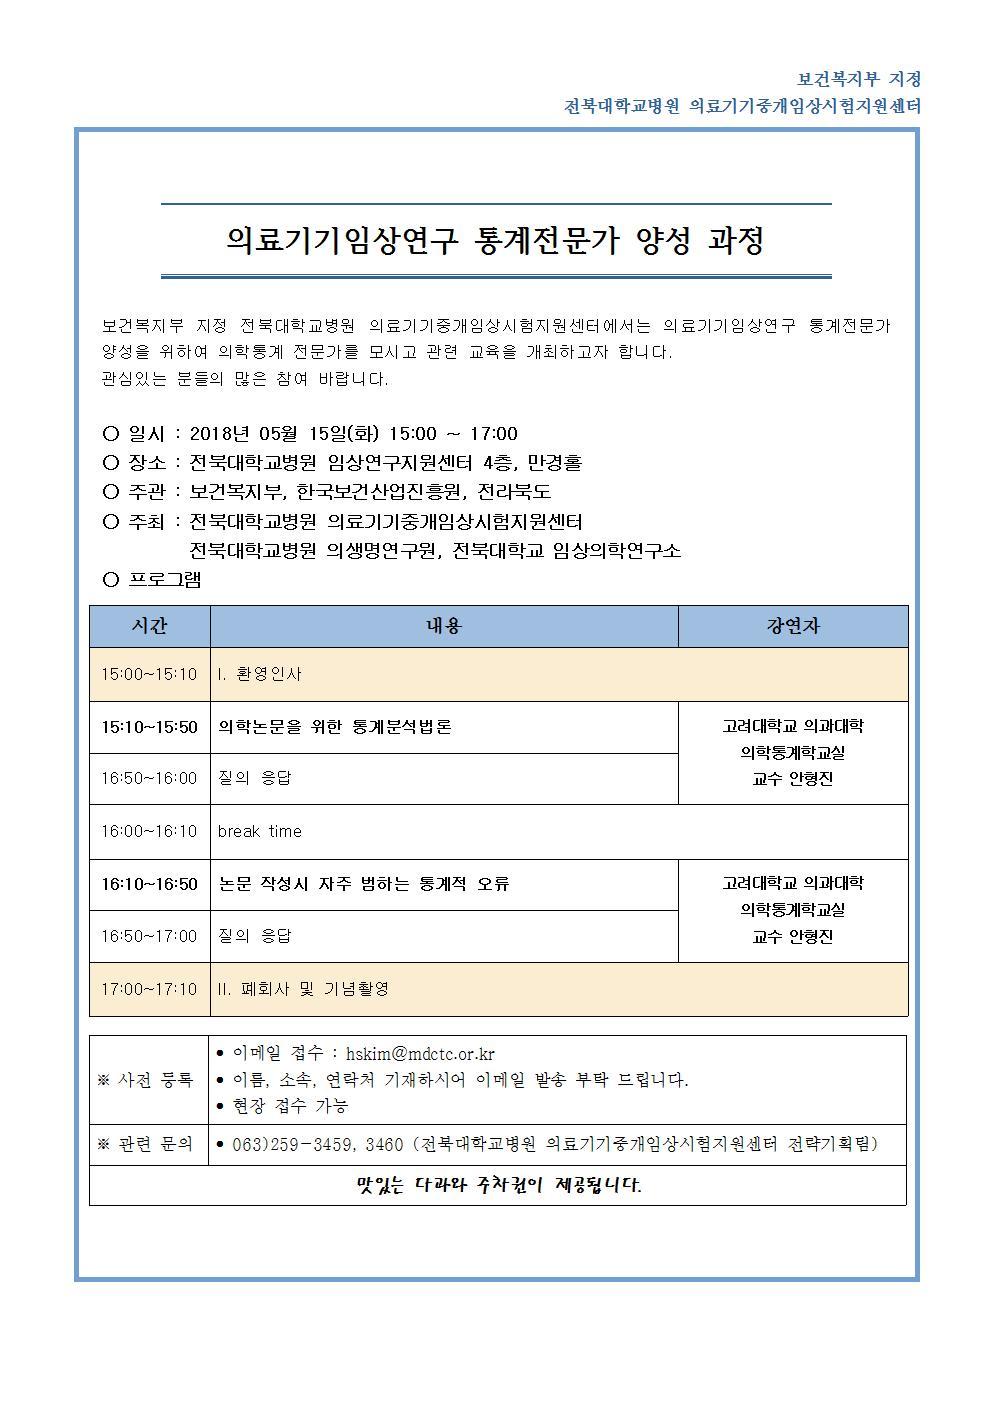 첨부_20180515 통계 교육 프로그램(수정).jpg